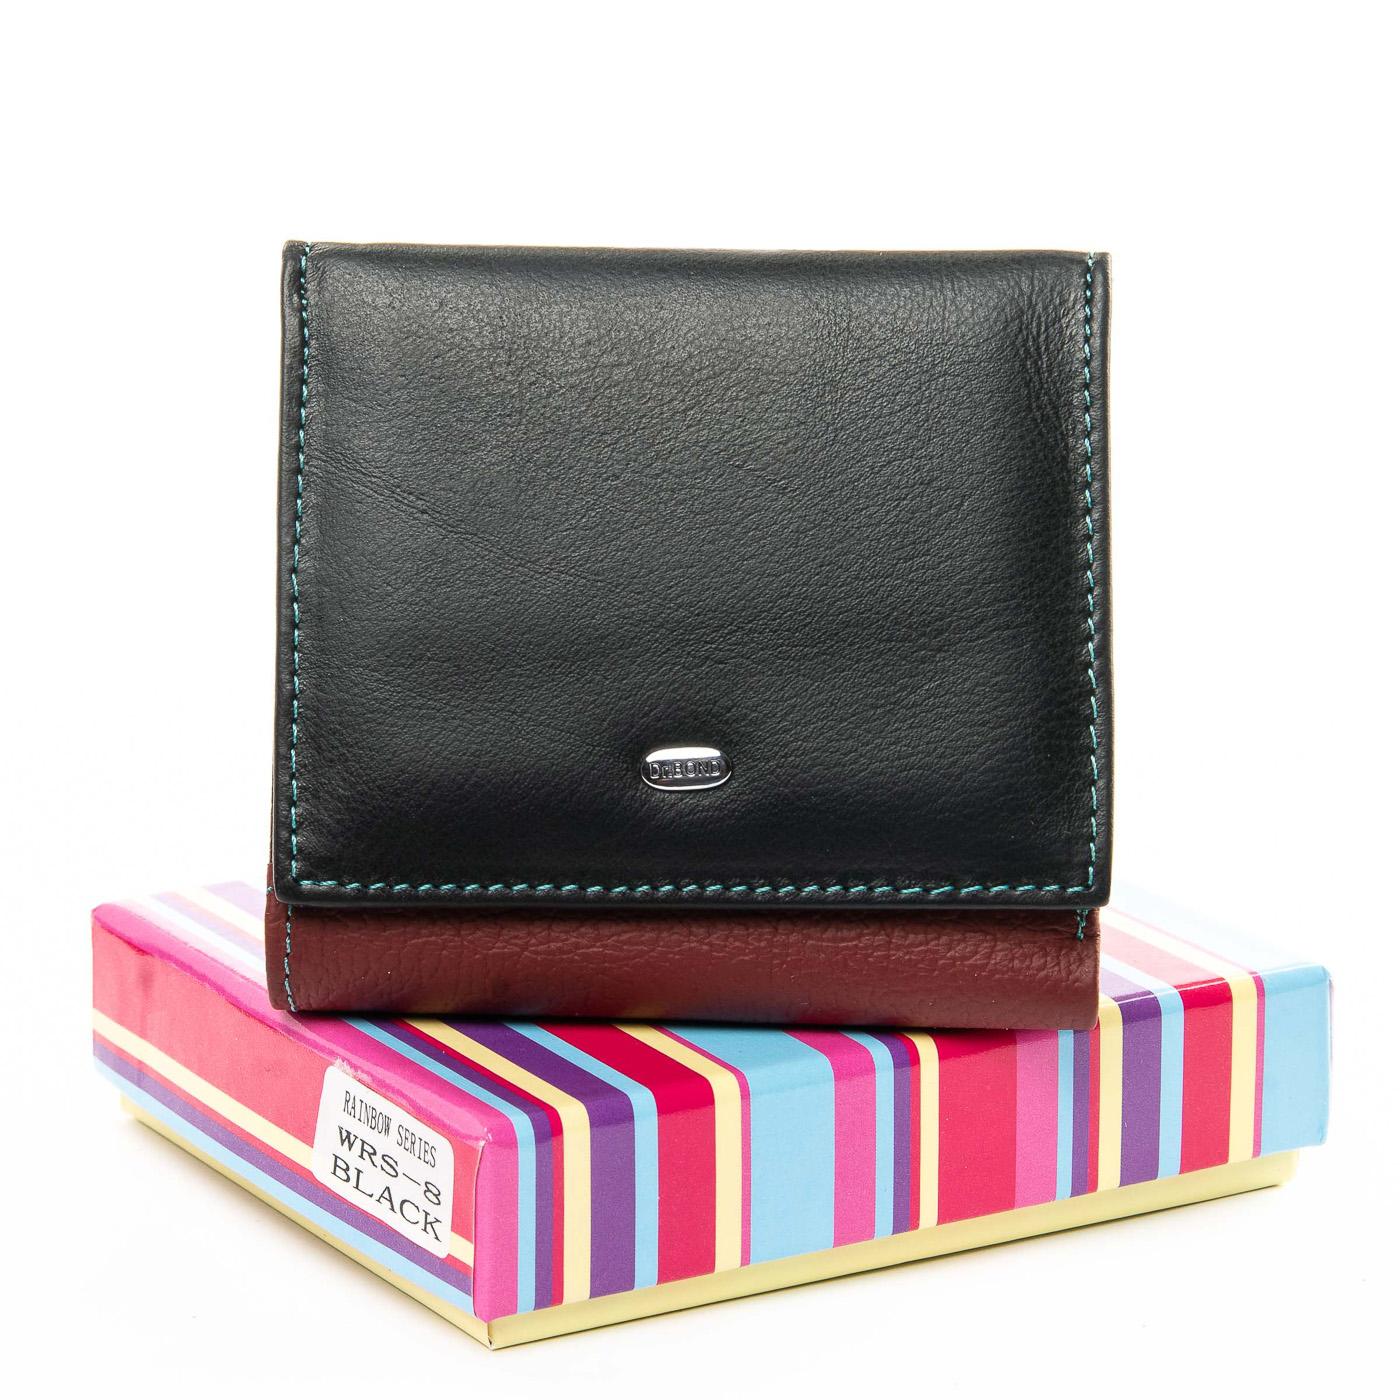 Милый женский кошелёк «Dr.Bond» из мягкой кожи разноцветной расцветки купить. Цена 599 грн